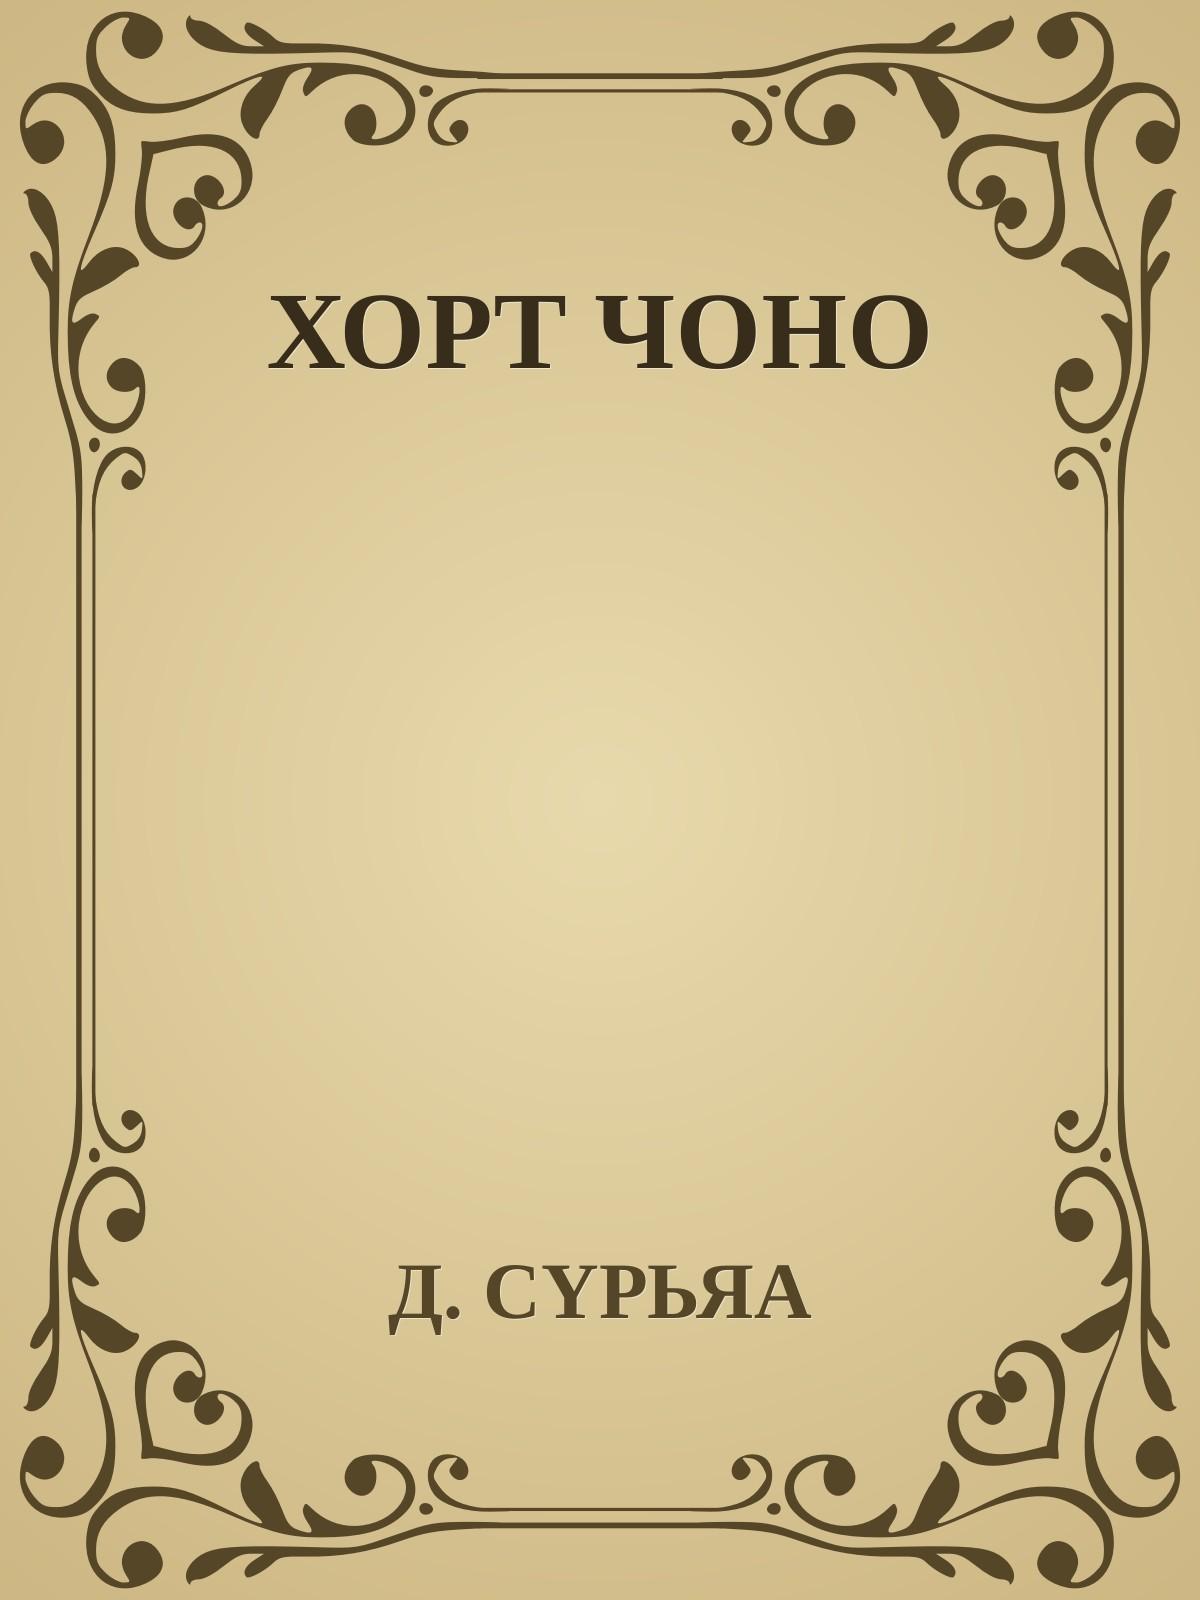 ХОРТ ЧОНО